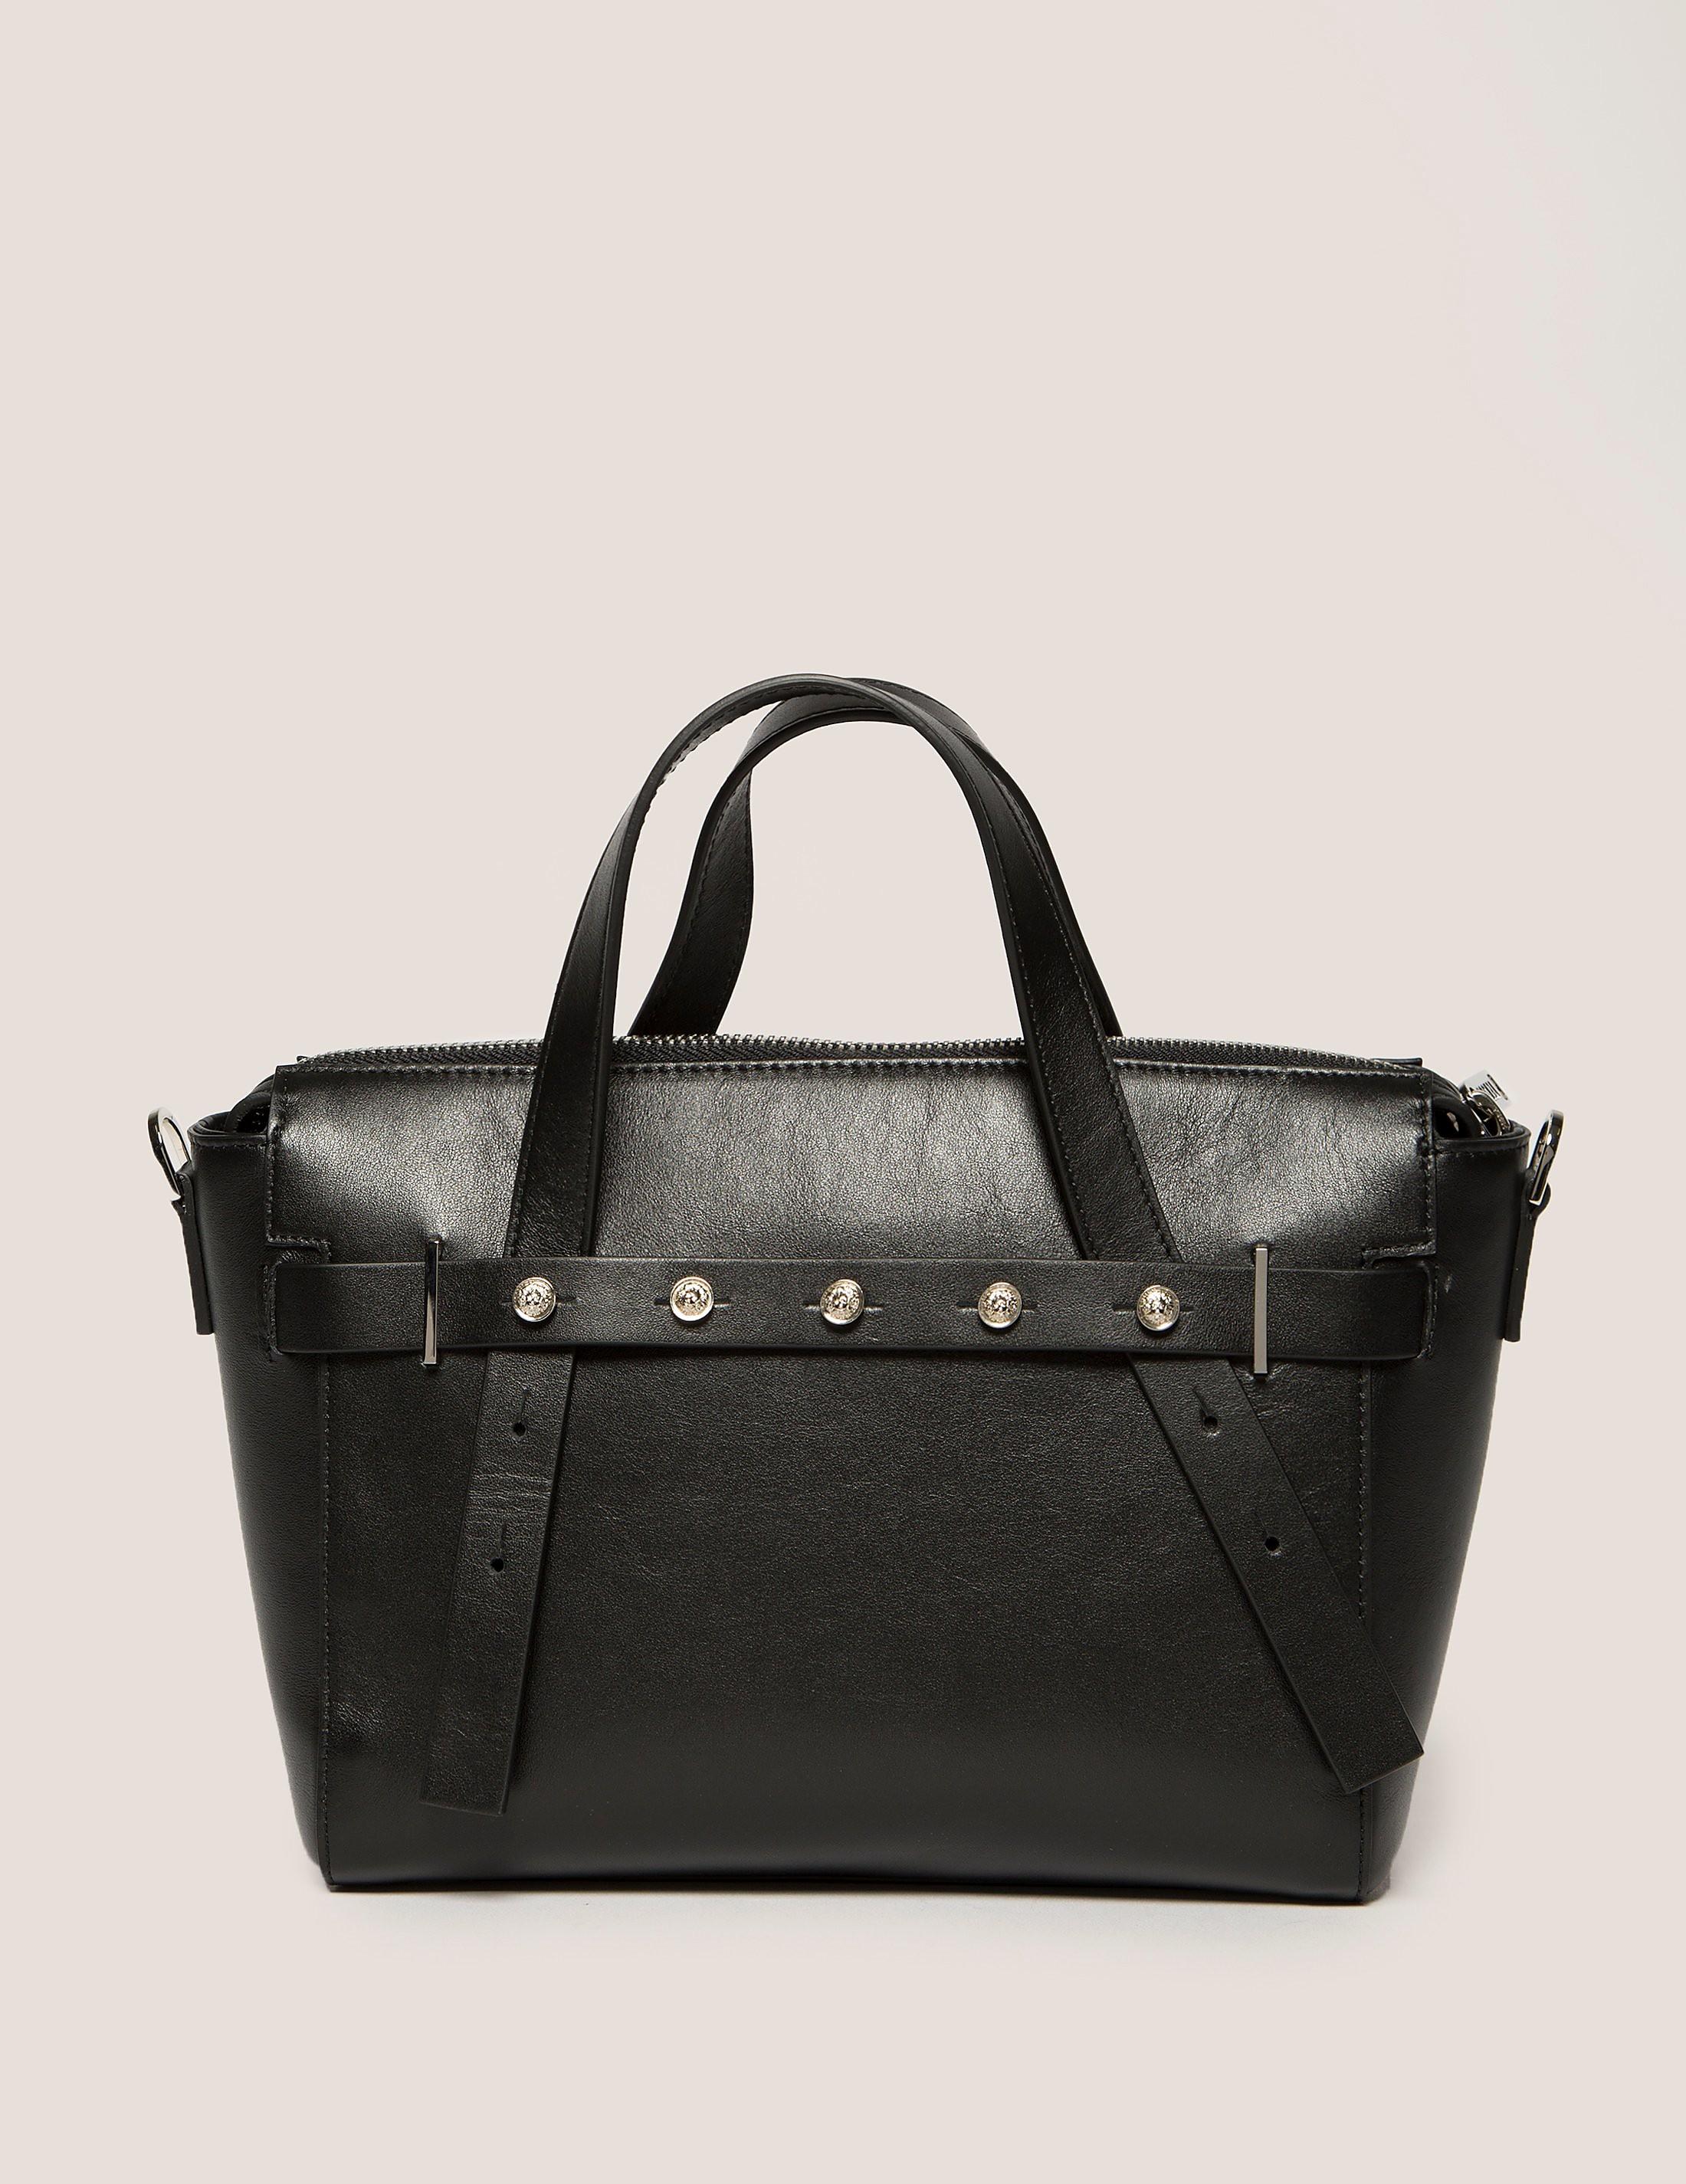 Versus Versace Logo Tote Bag